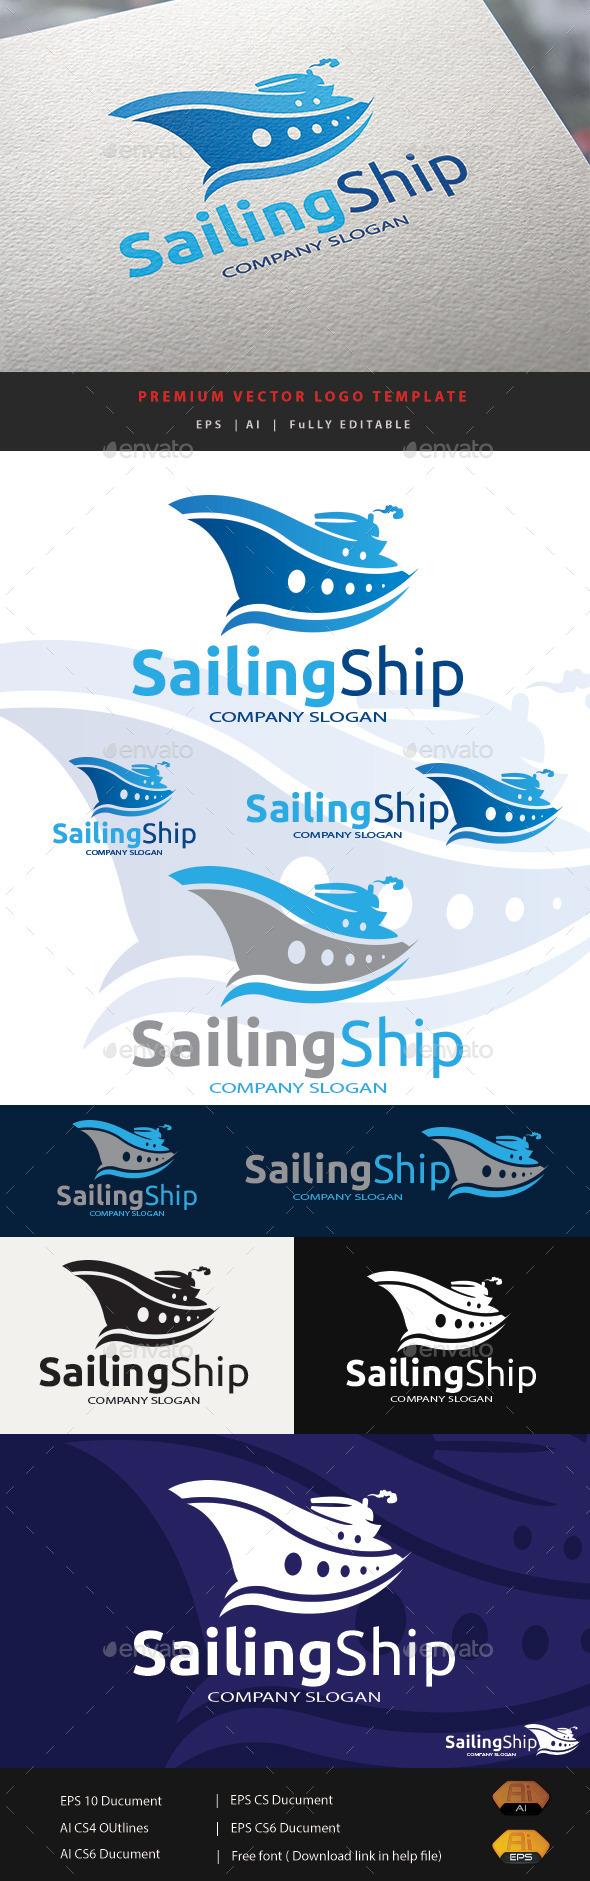 GraphicRiver Sailing Ship 11891368